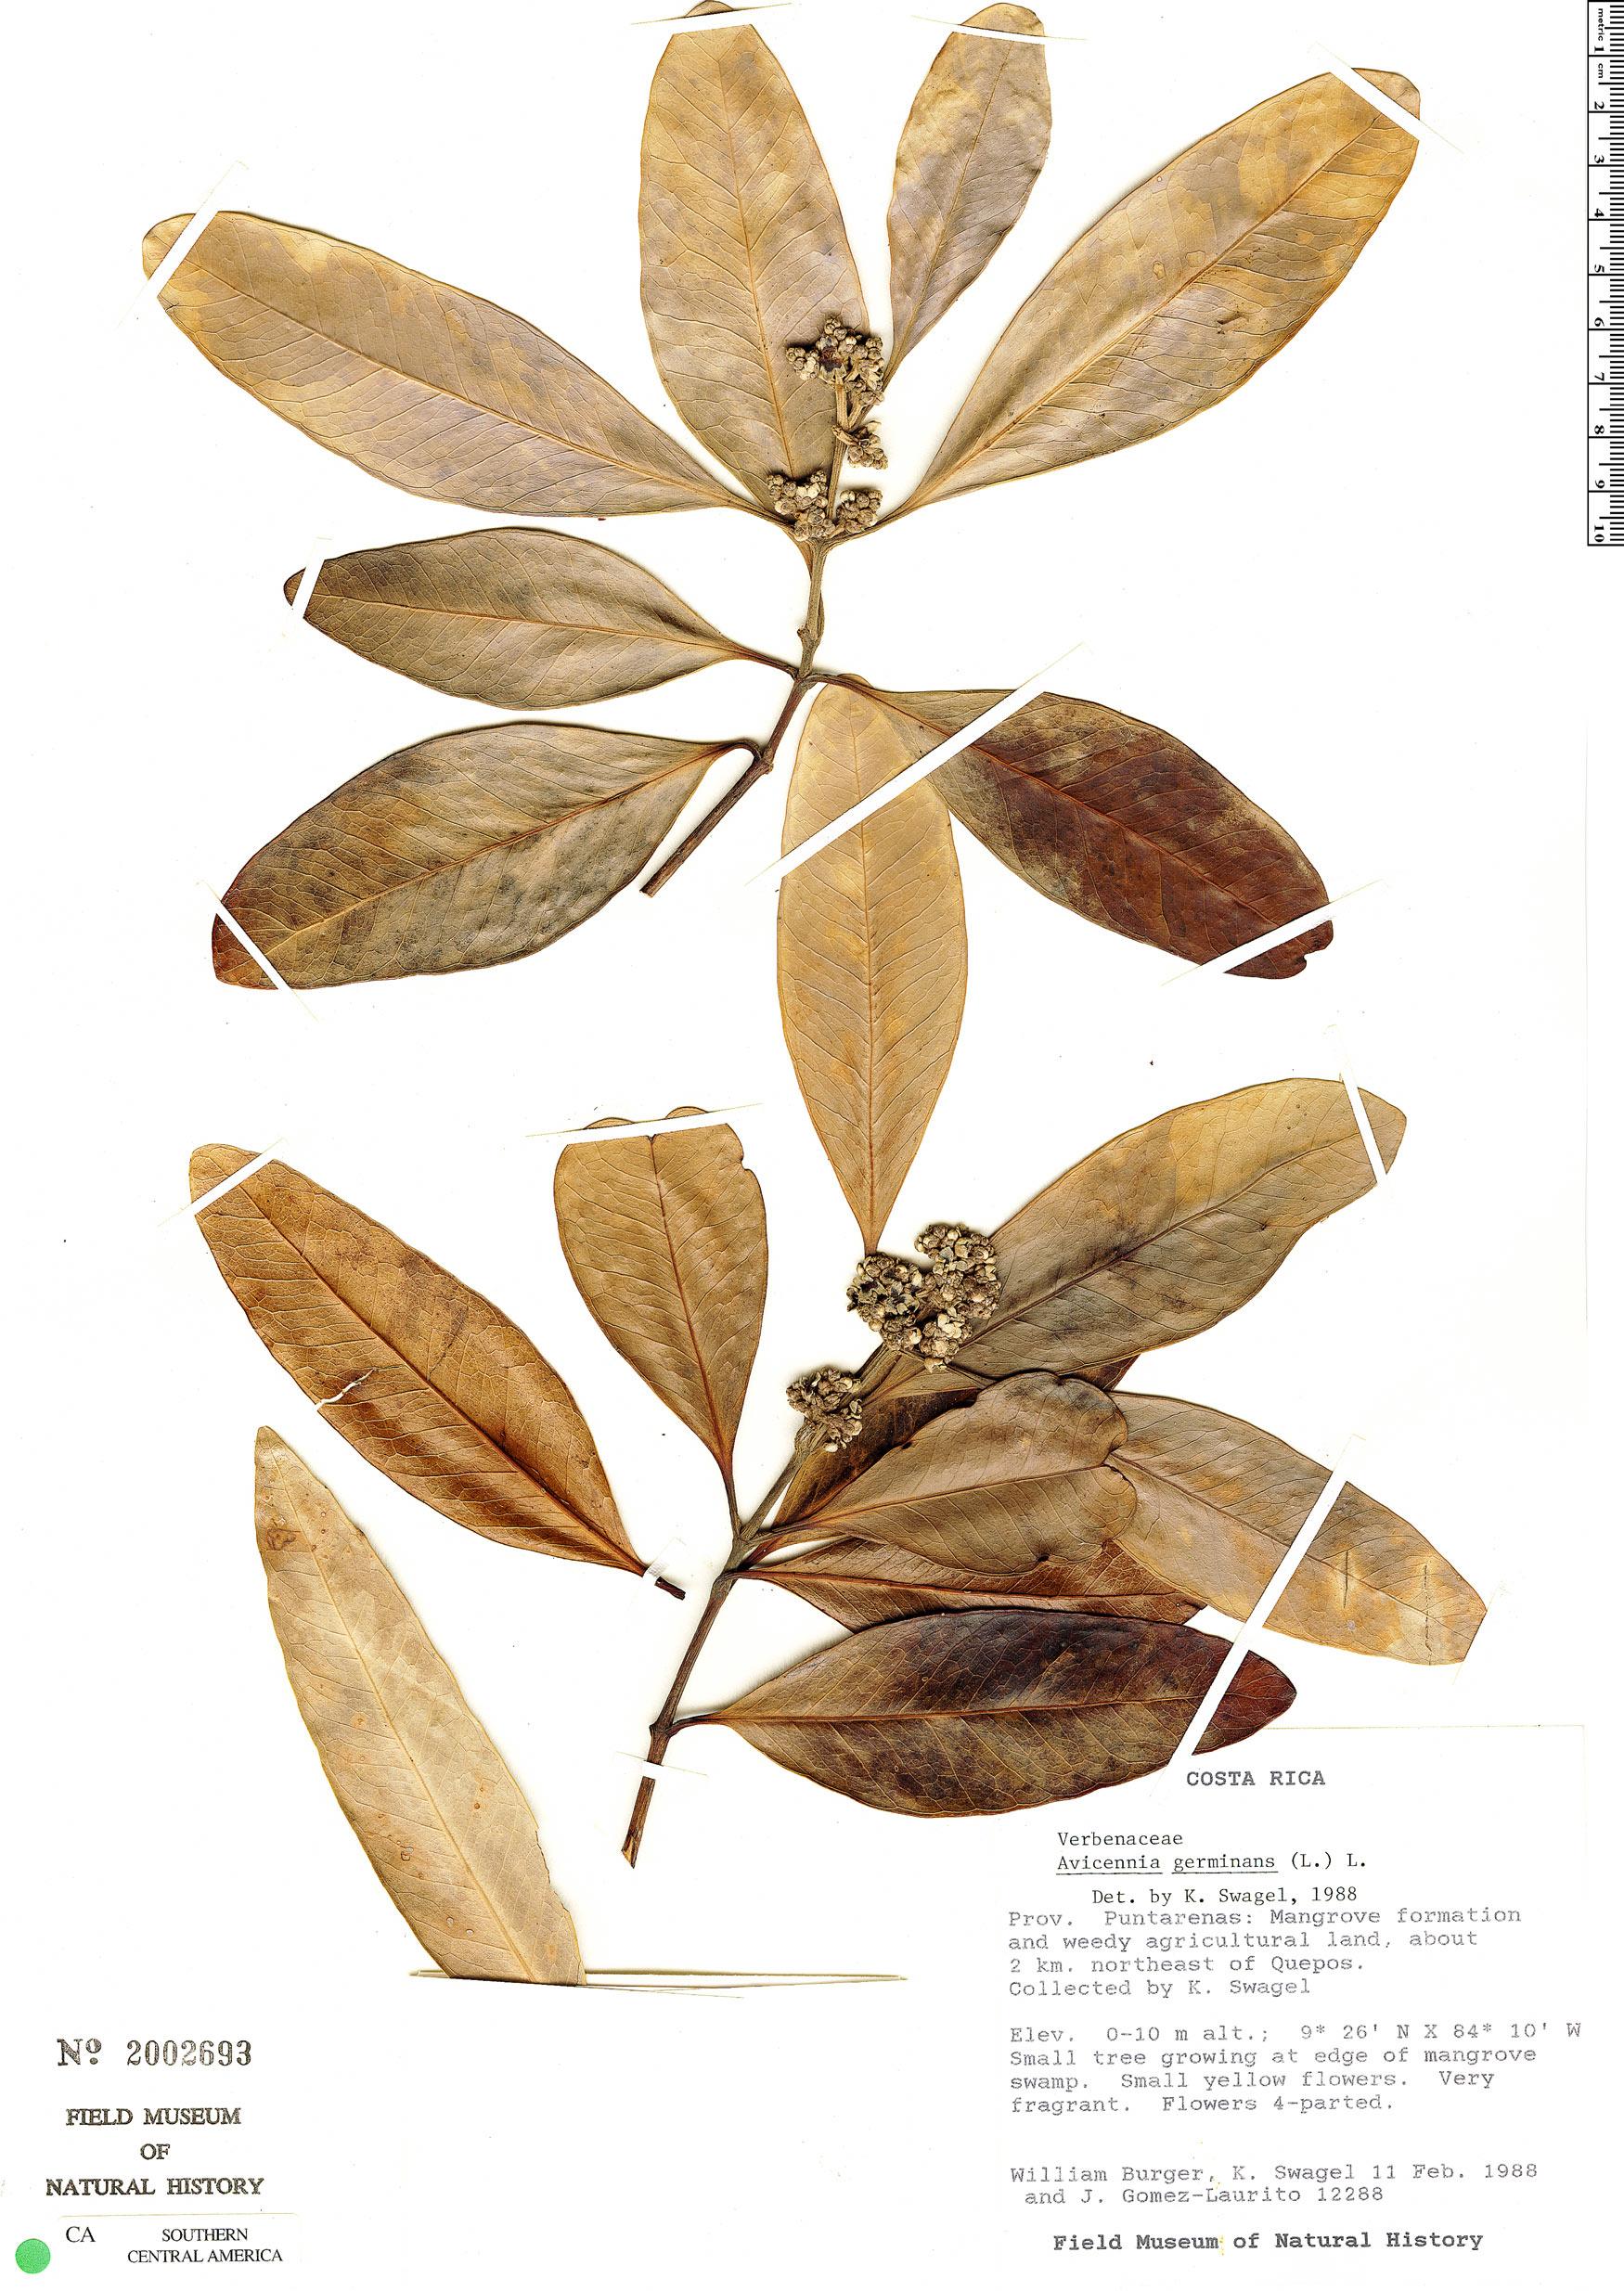 Specimen: Avicennia germinans